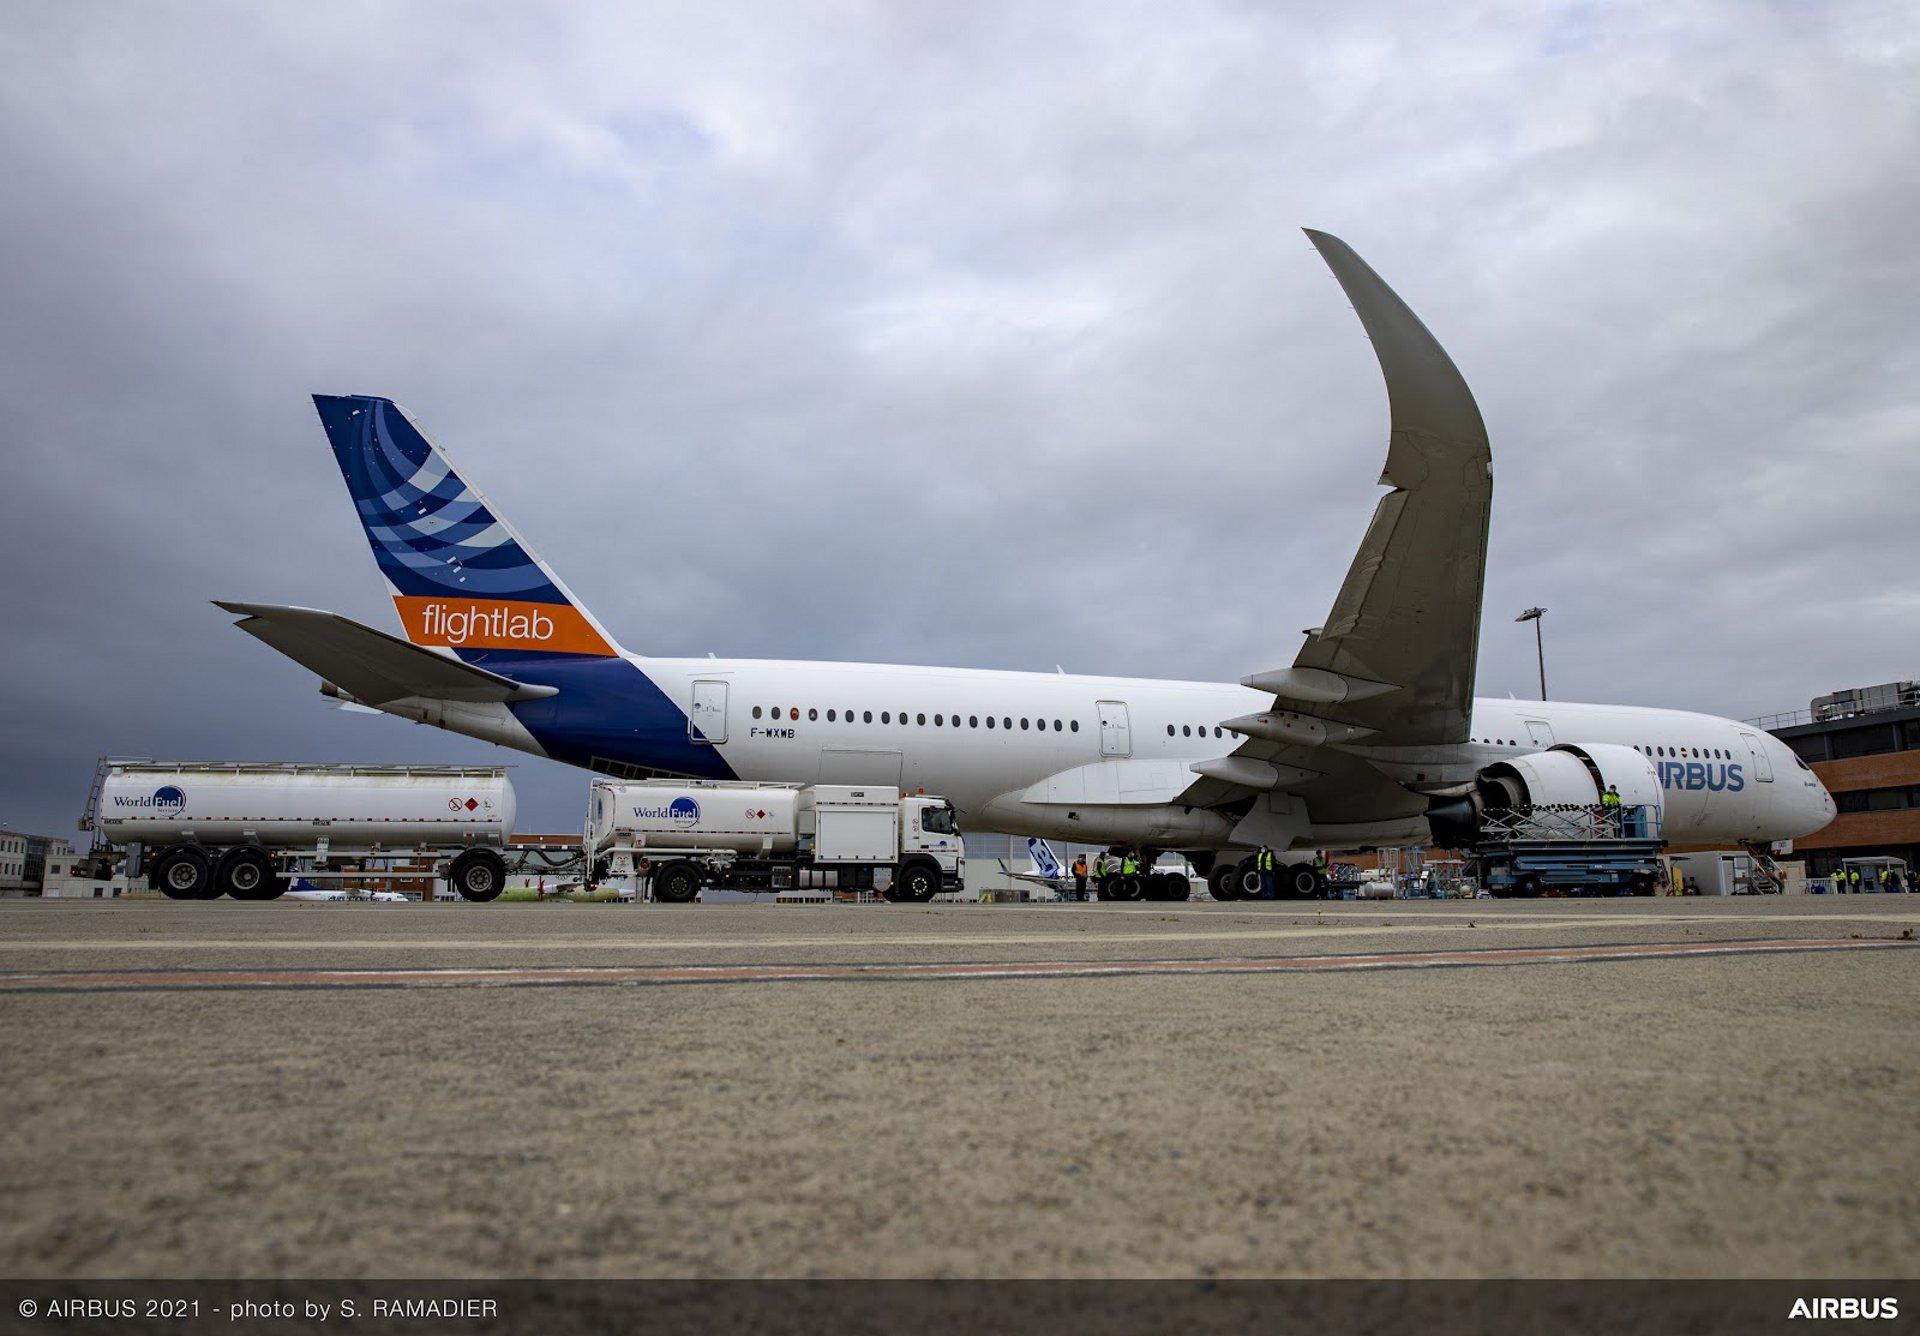 在A350MSN1飞行实验室进行100%可持续燃料测试. SAF, ECLIF3, HEFA燃料.